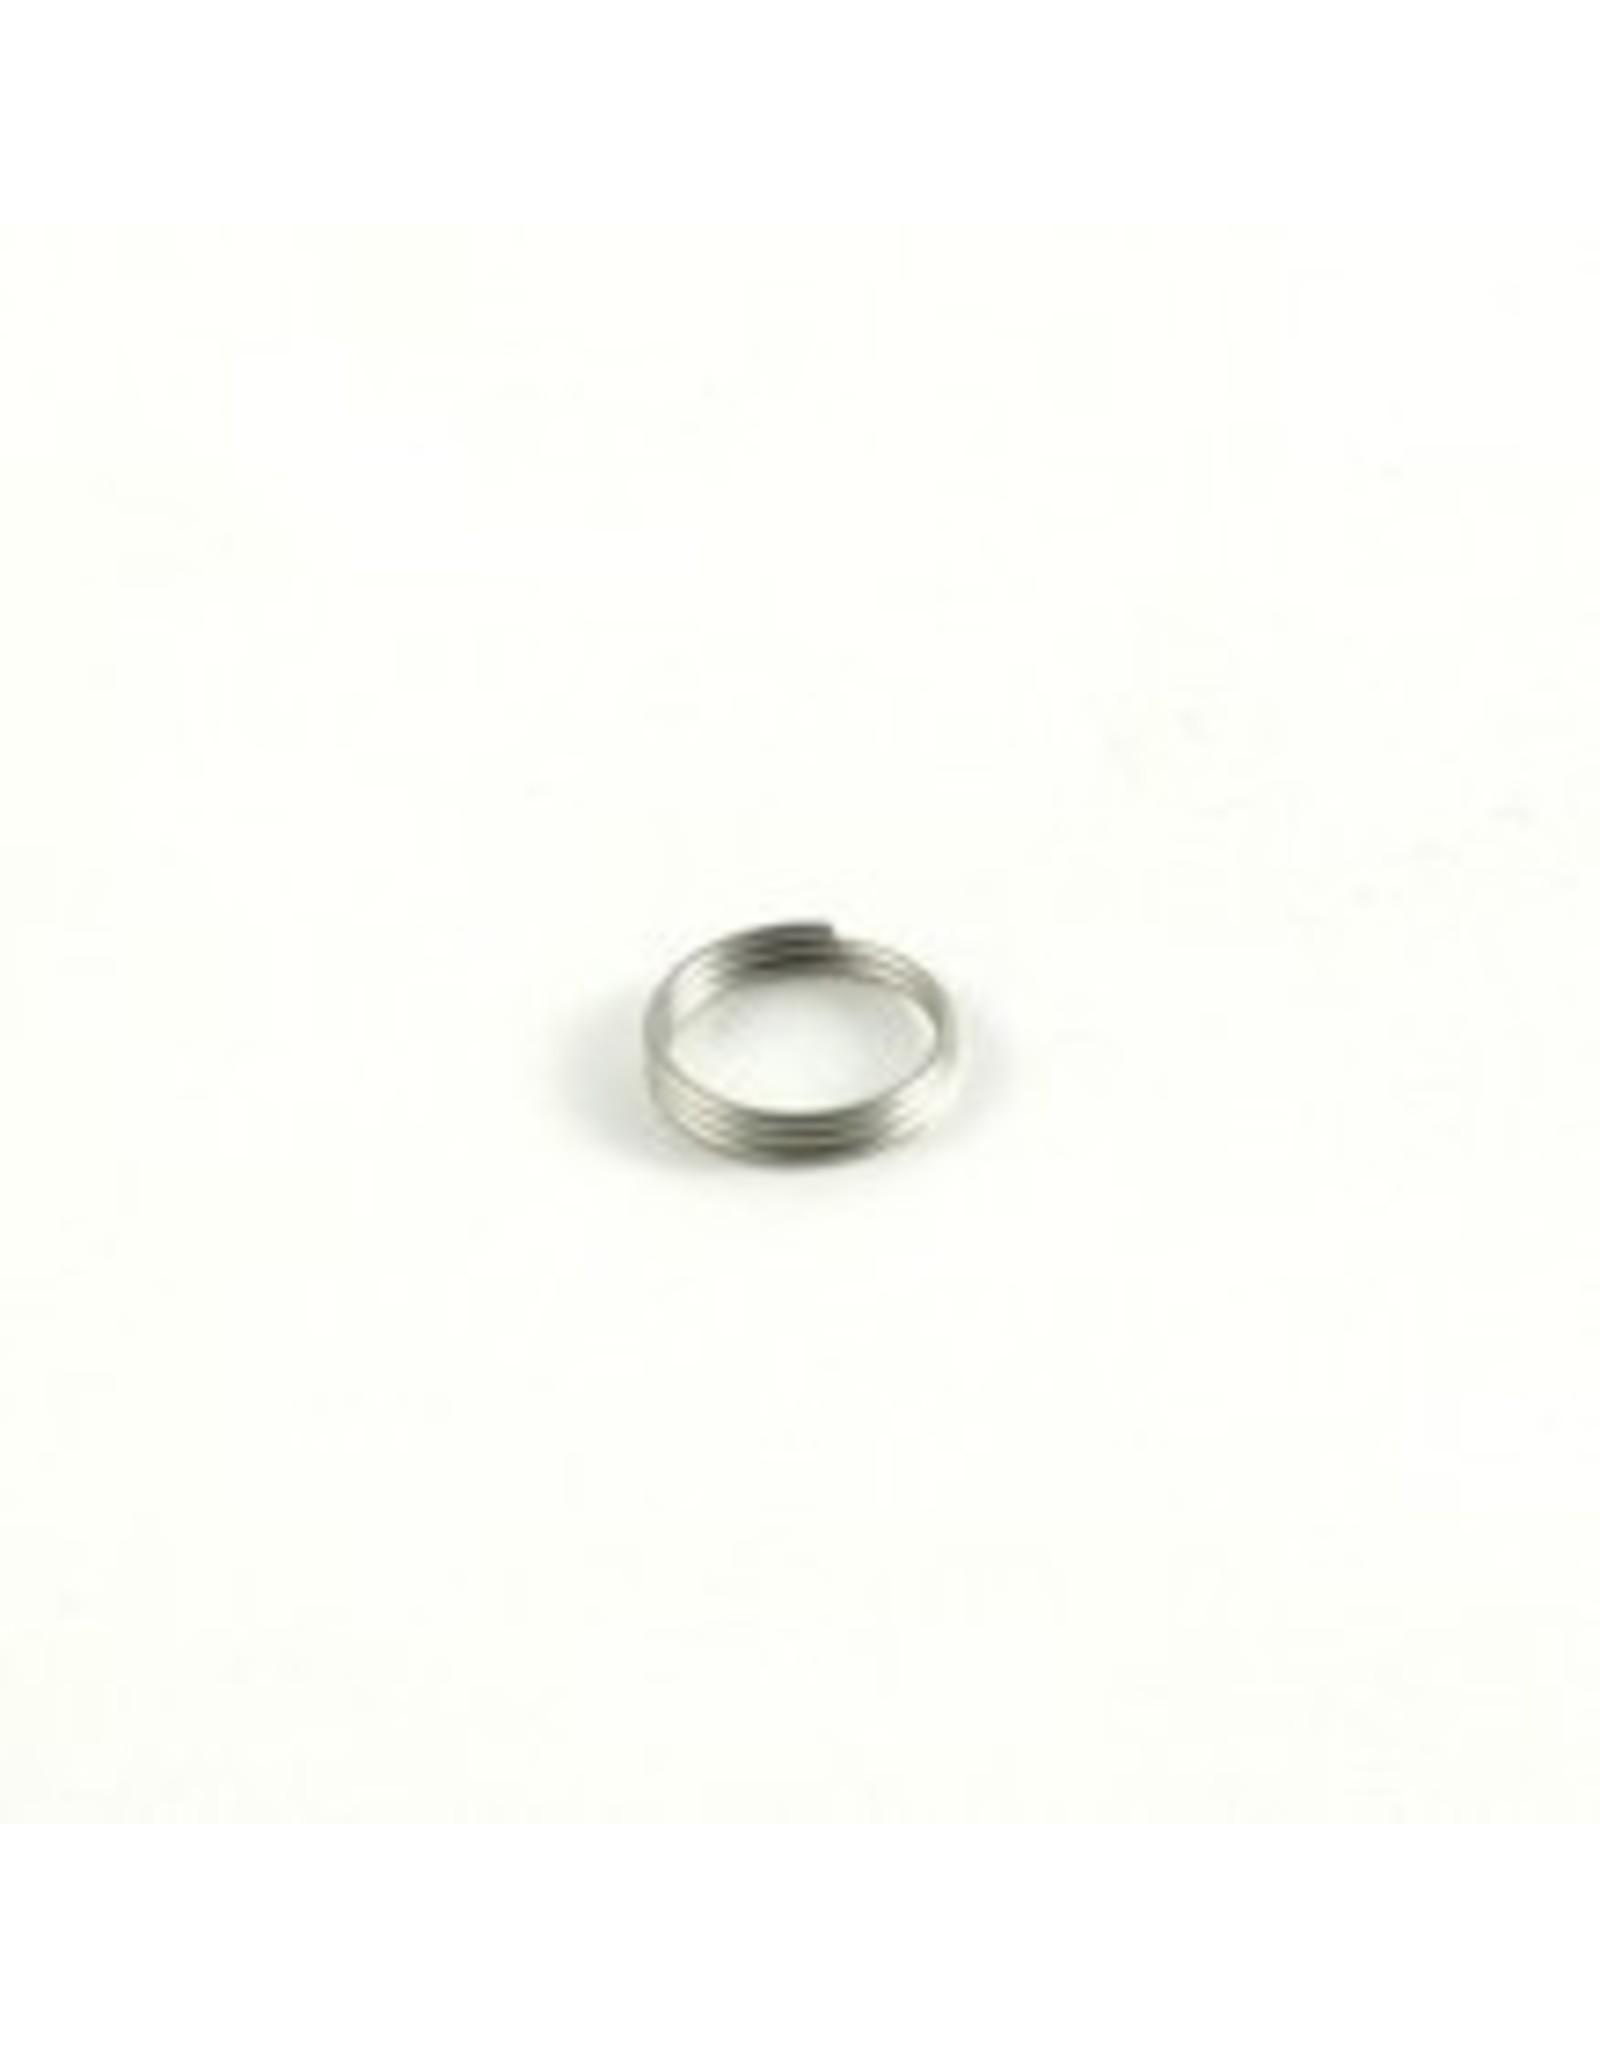 Hobie Hobie Large Clevis Ring, X-36